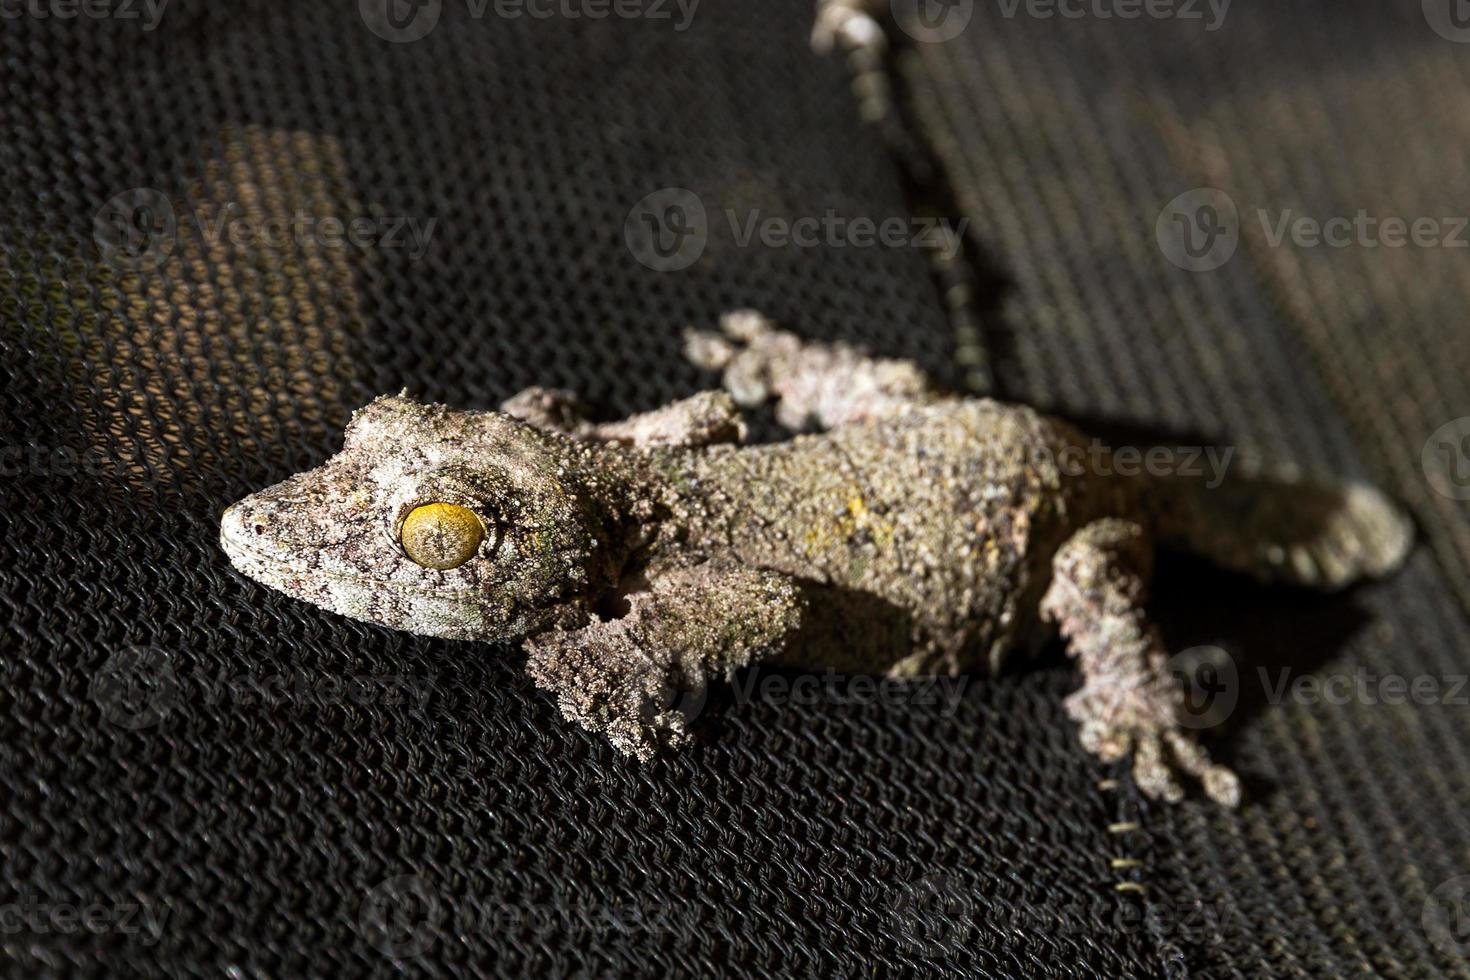 lagartixa-de-cauda-musgosa escura foto